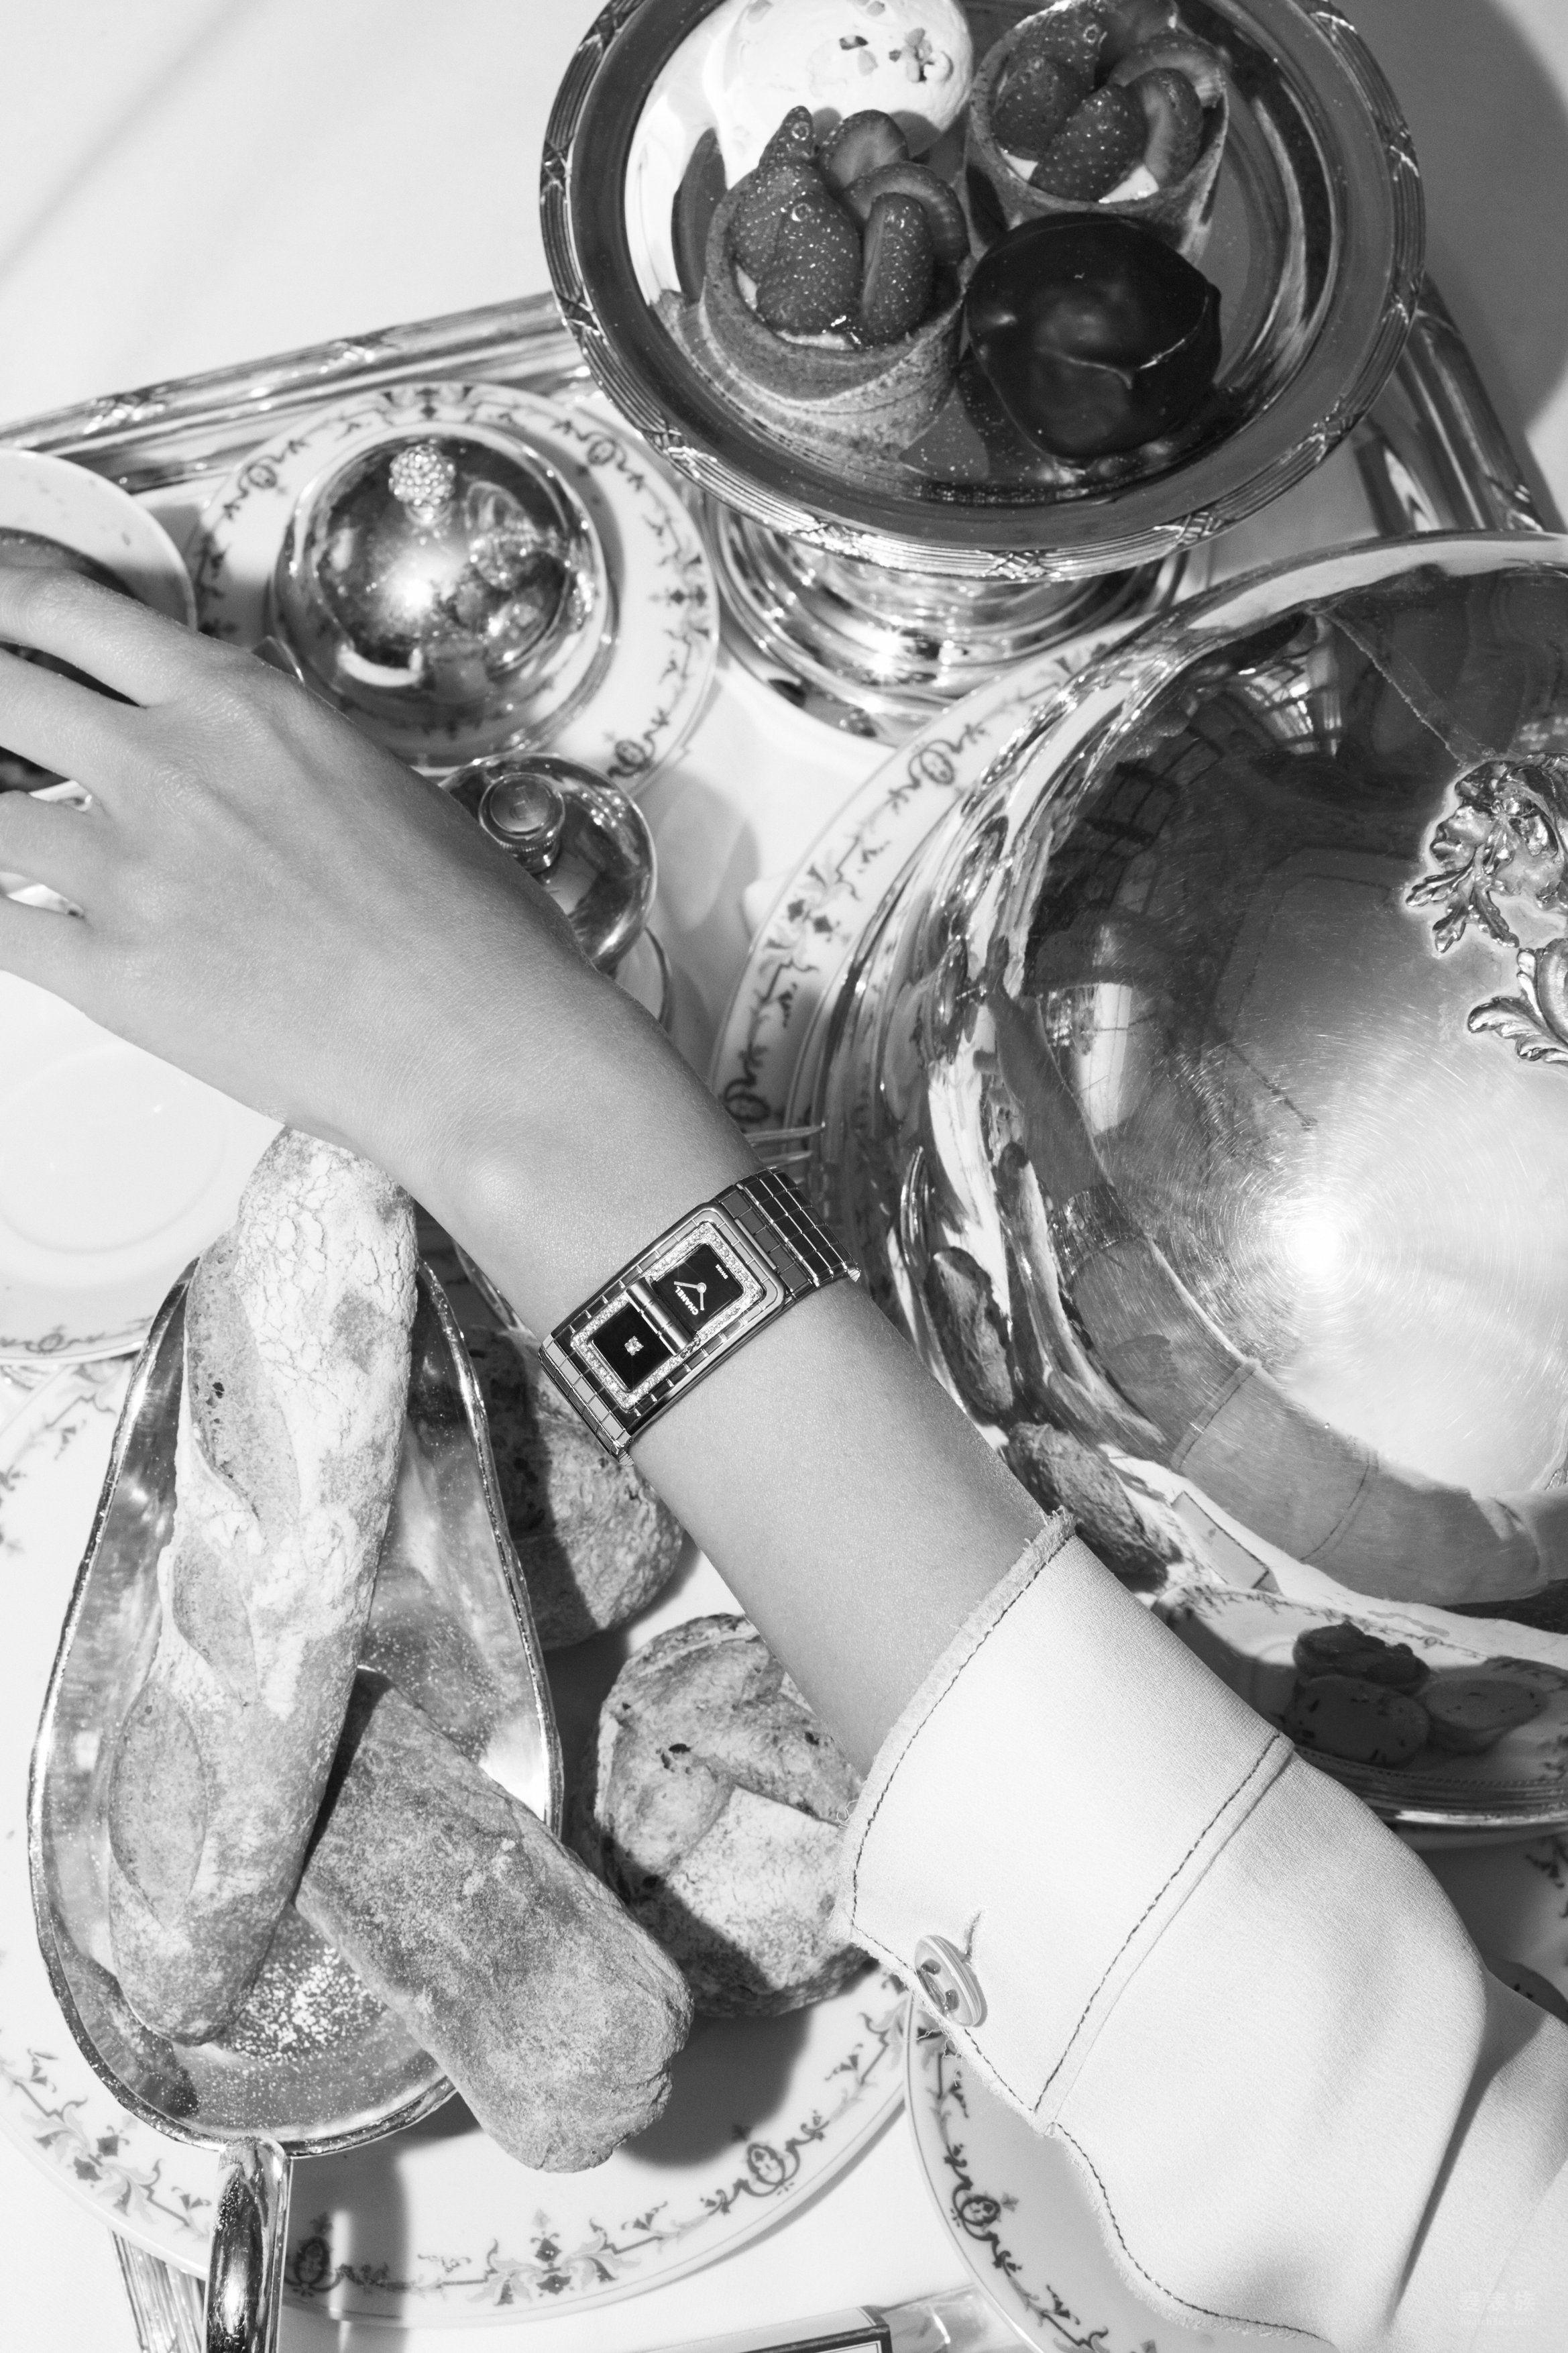 香奈儿CODE COCO系列全新黑色陶瓷腕表